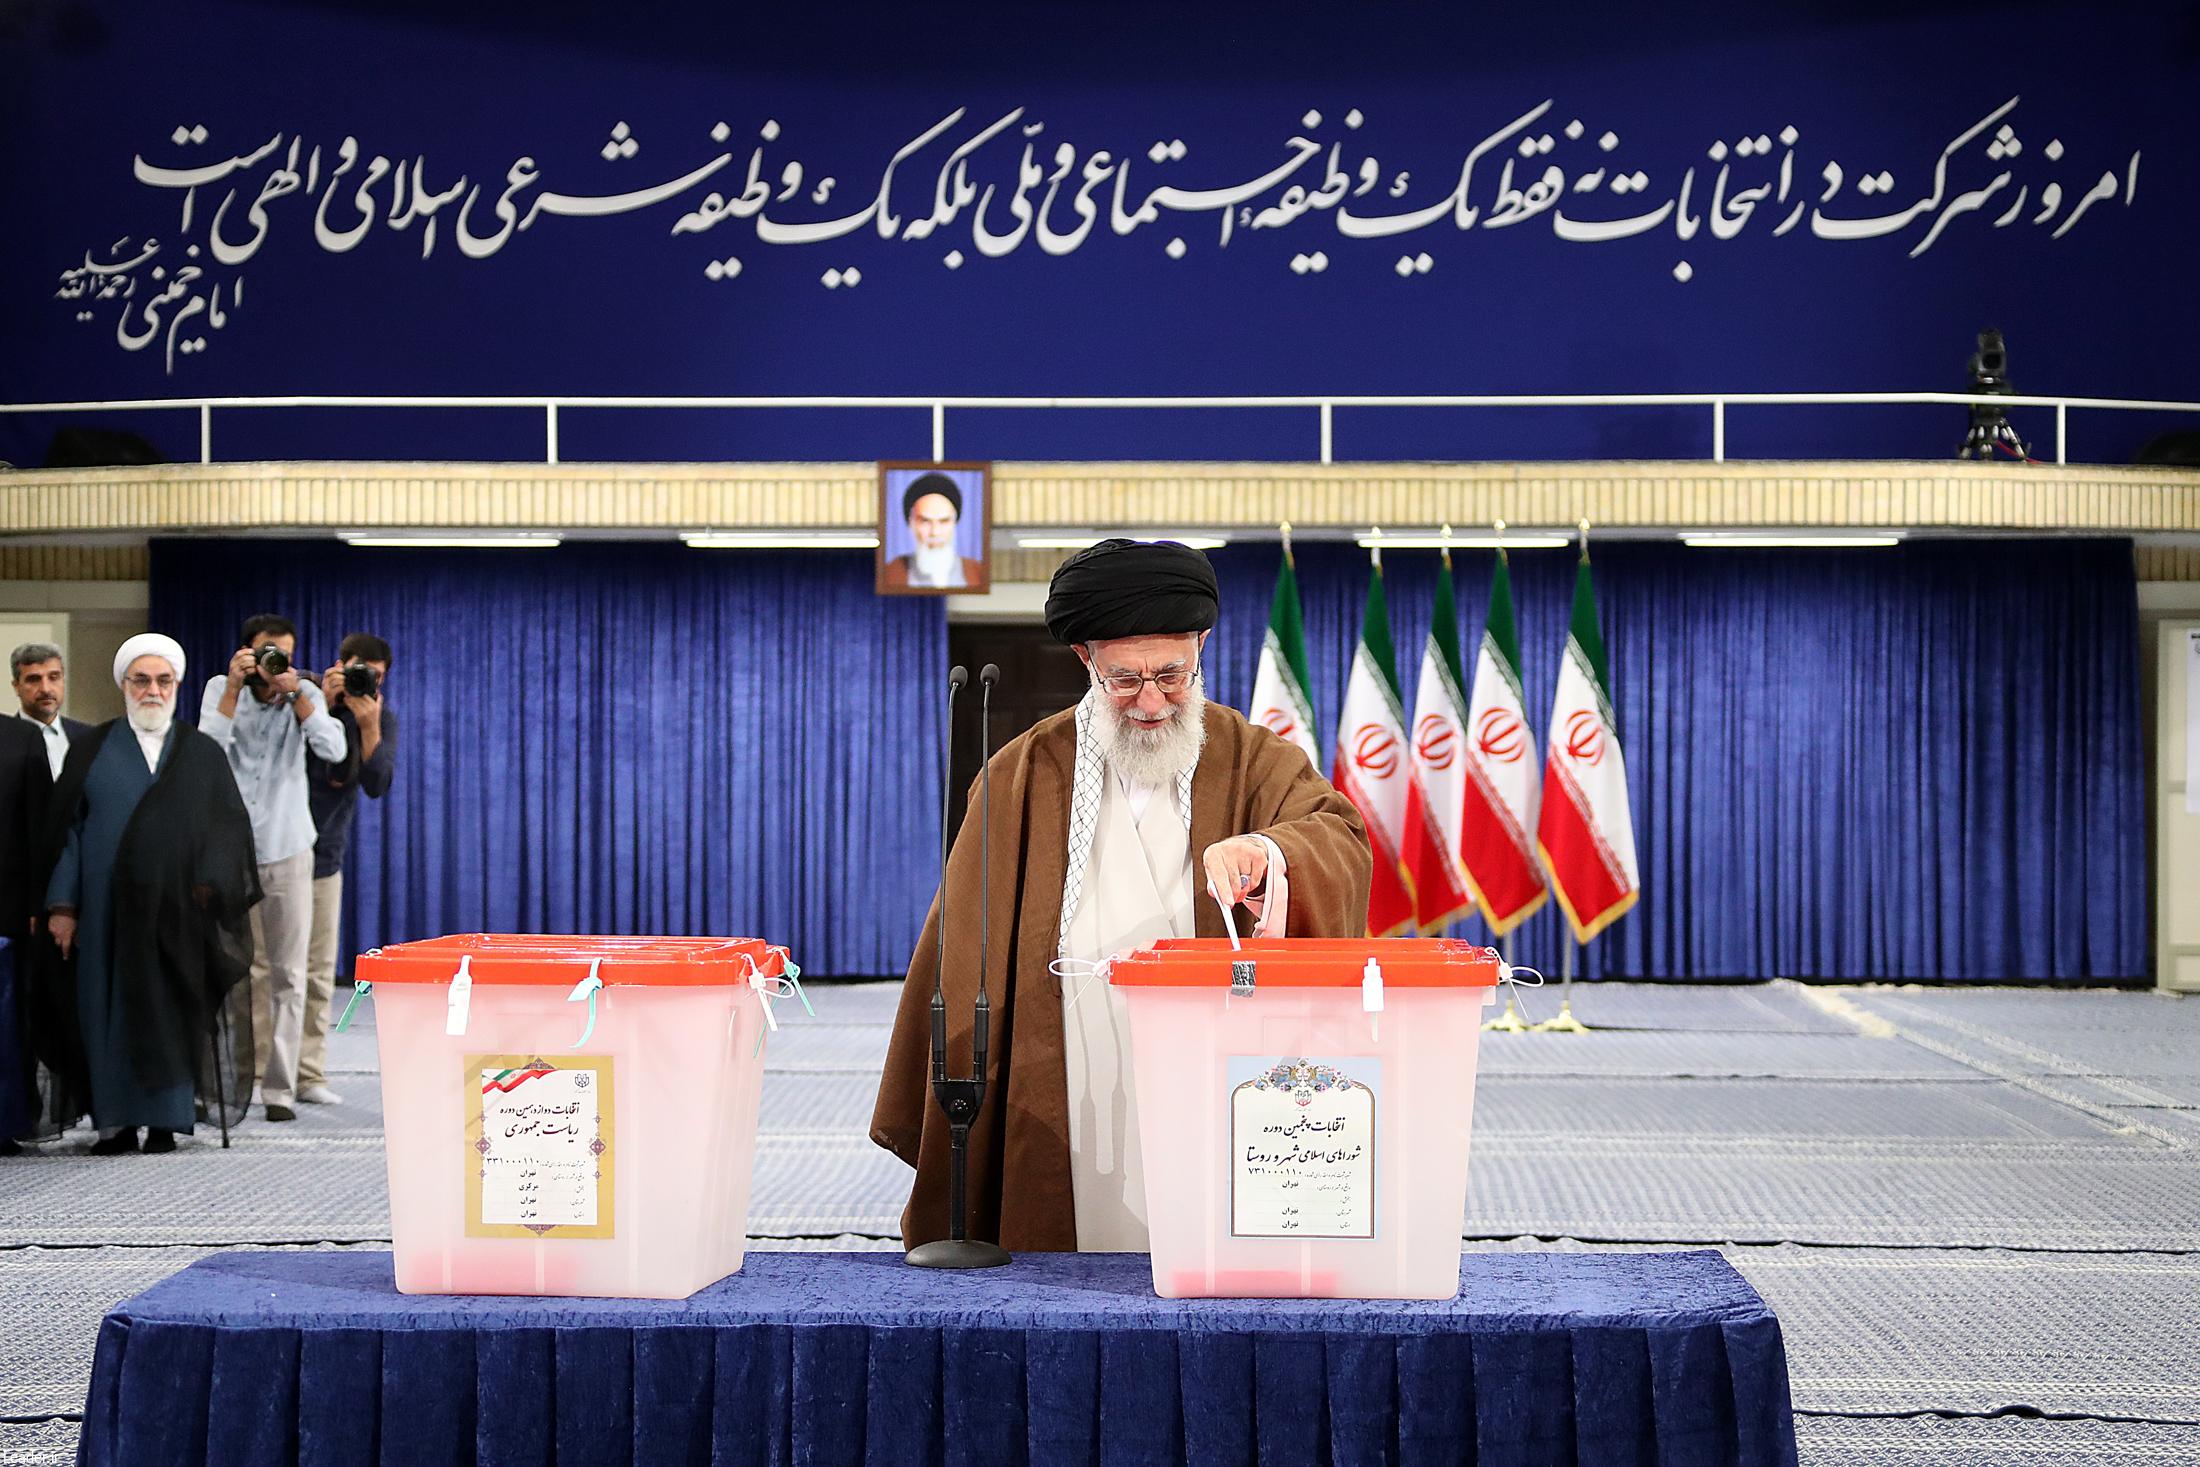 مردم با دقت، ملاحظه و شناخت در انتخابات شرکت کنند